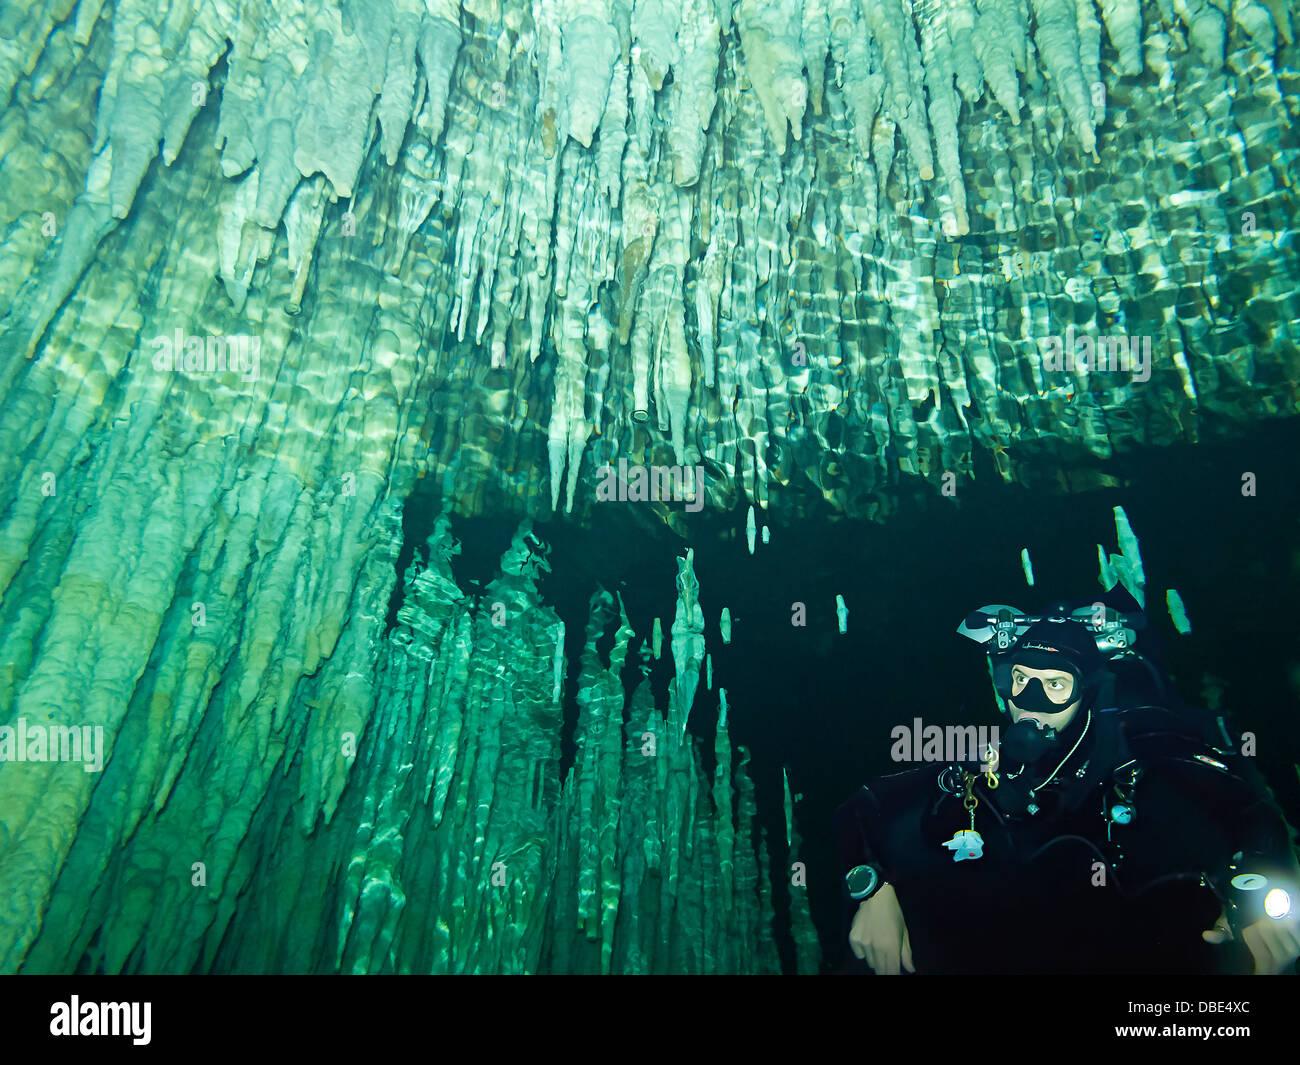 Subacqueo con picchi di stalattiti pendenti dal soffitto del sogno di gate, una delle tante persone cenotes immersioni Immagini Stock